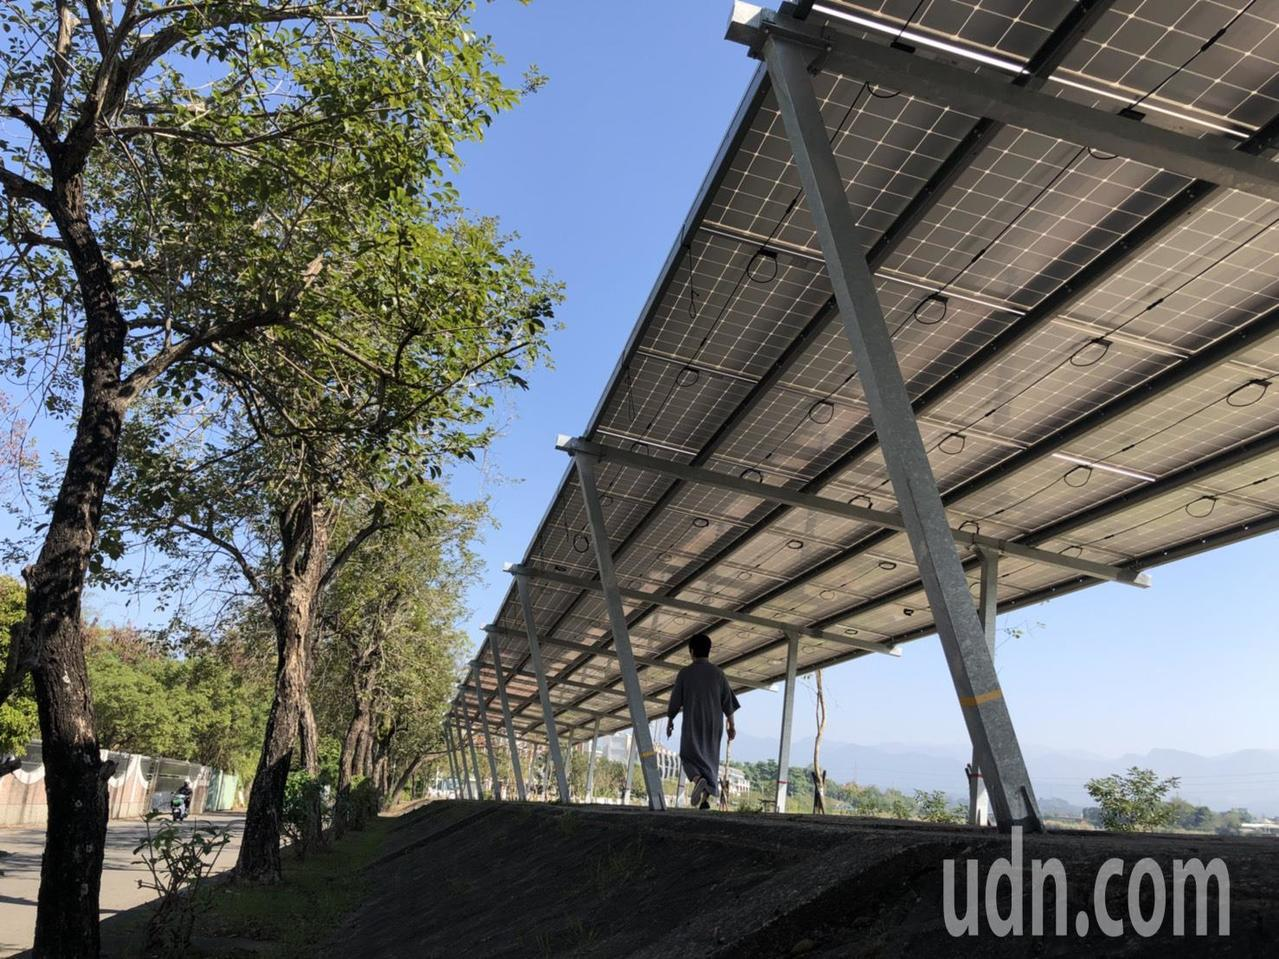 第五河川局在八掌溪北岸打造太陽能光電示範廊道,訴求是水環境結合綠能,盼打造成嘉義...